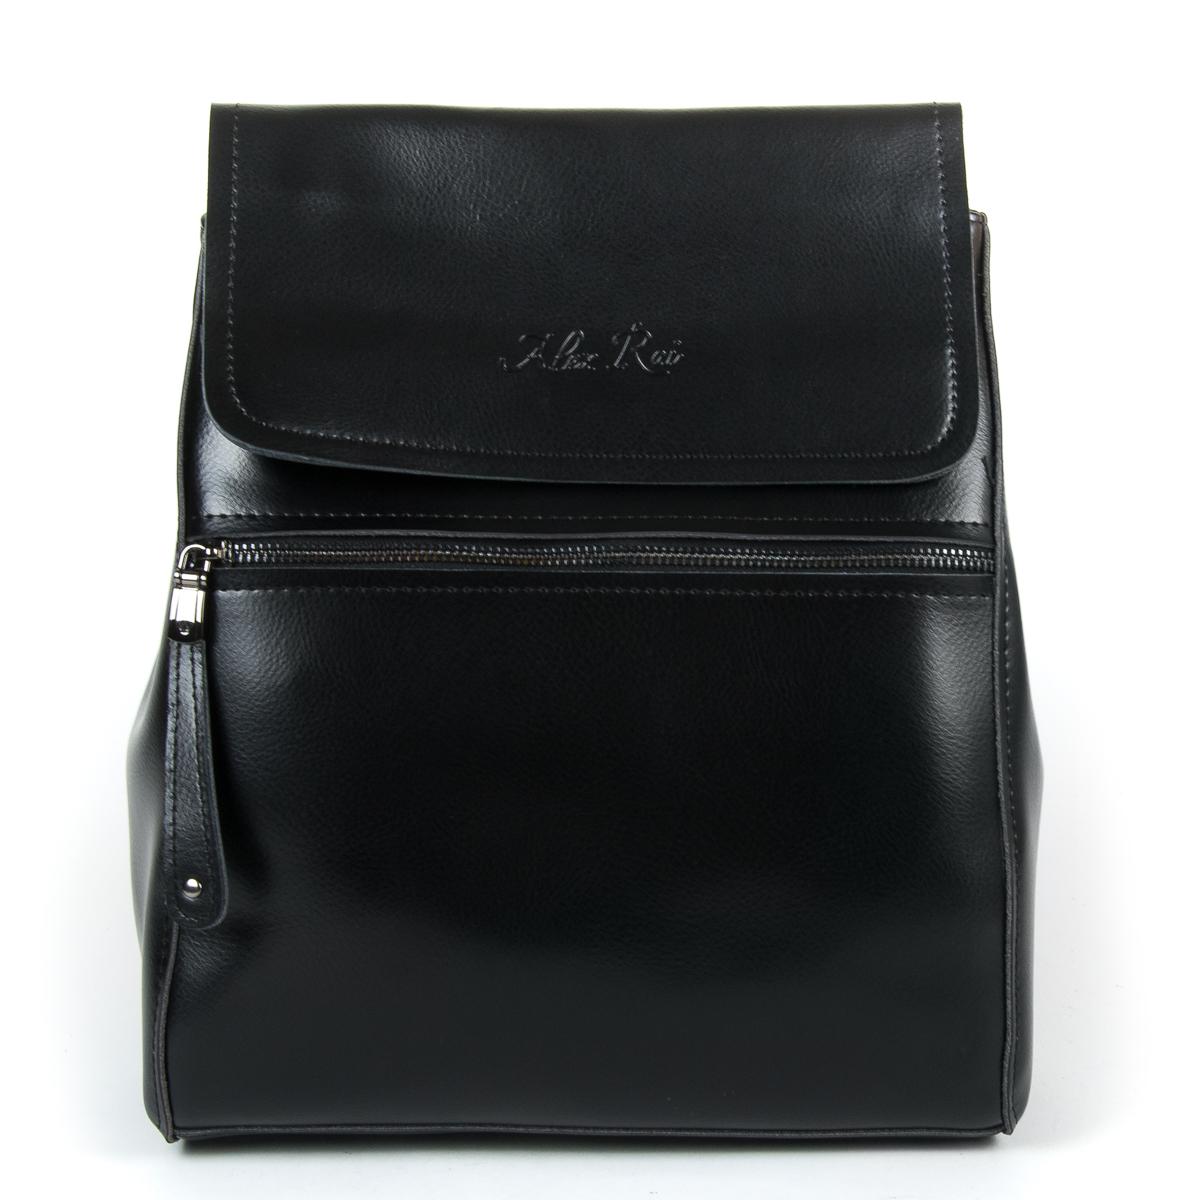 Сумка Женская Рюкзак кожа ALEX RAI 9-01 1005 black